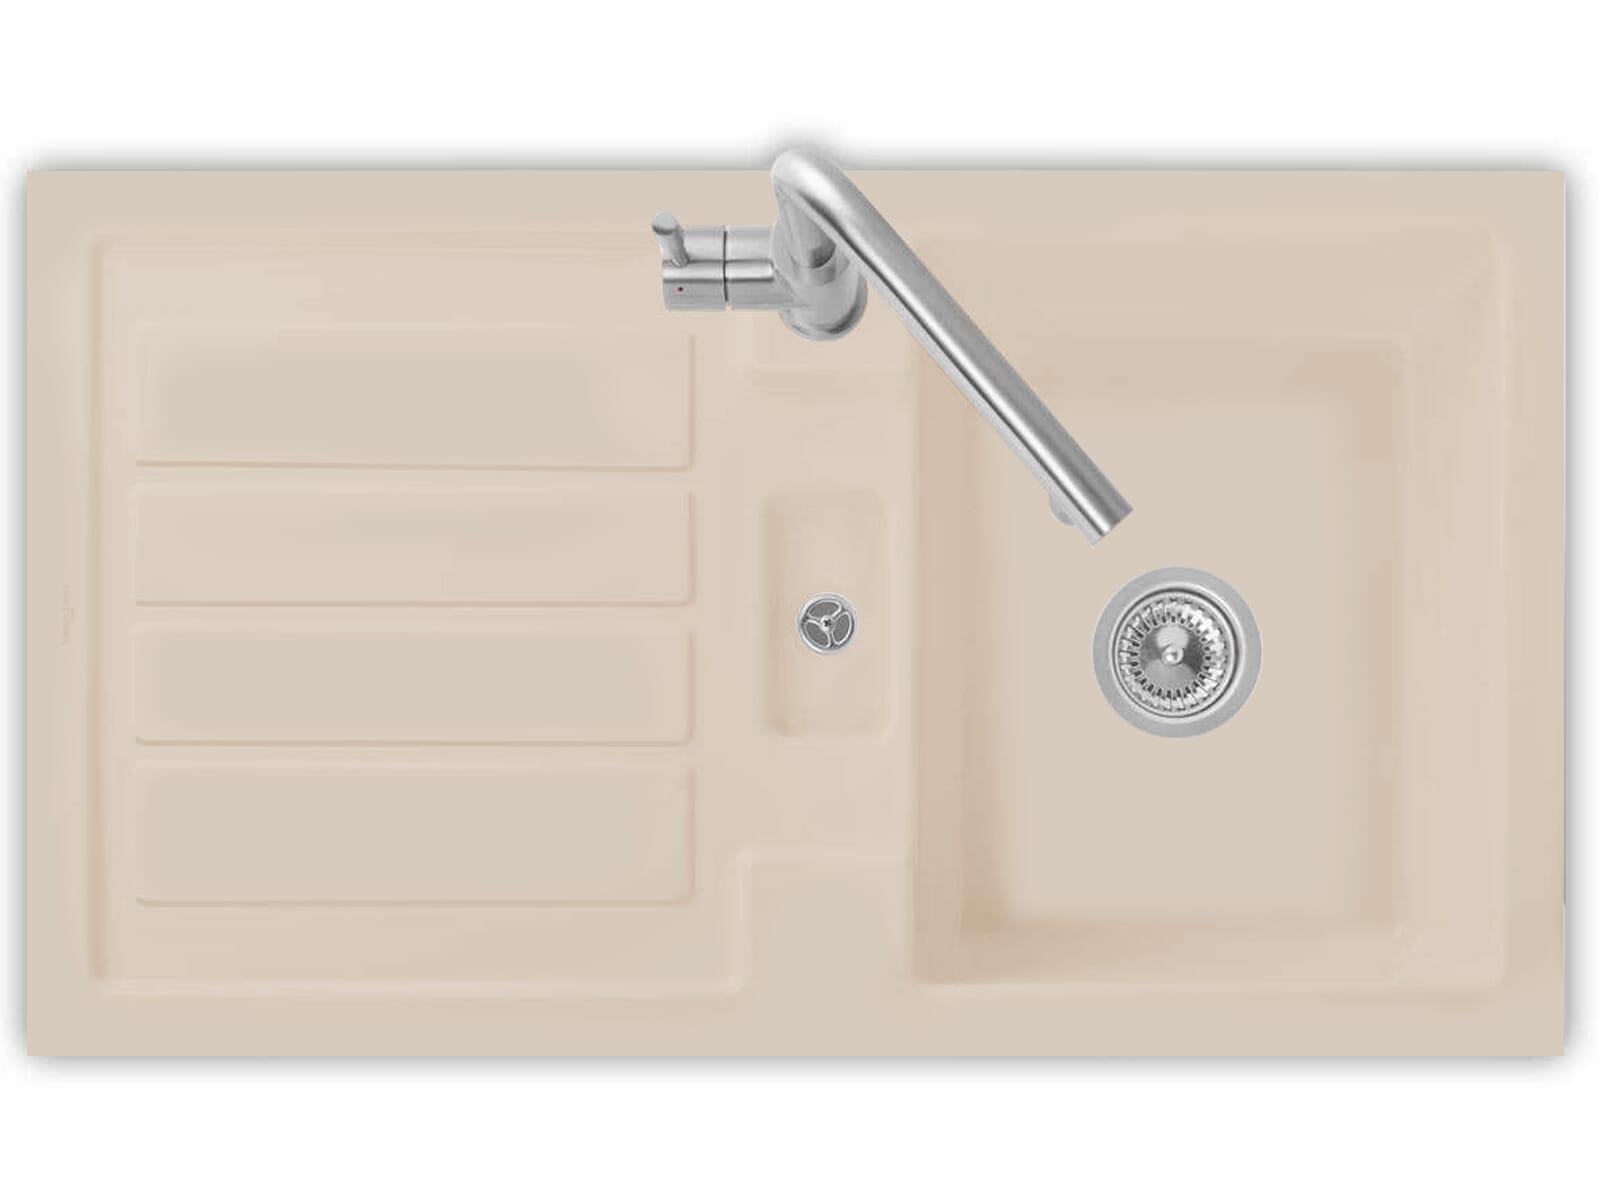 Villeroy & Boch Flavia 50 Almond - 3305 01 AM Keramikspüle Handbetätigung